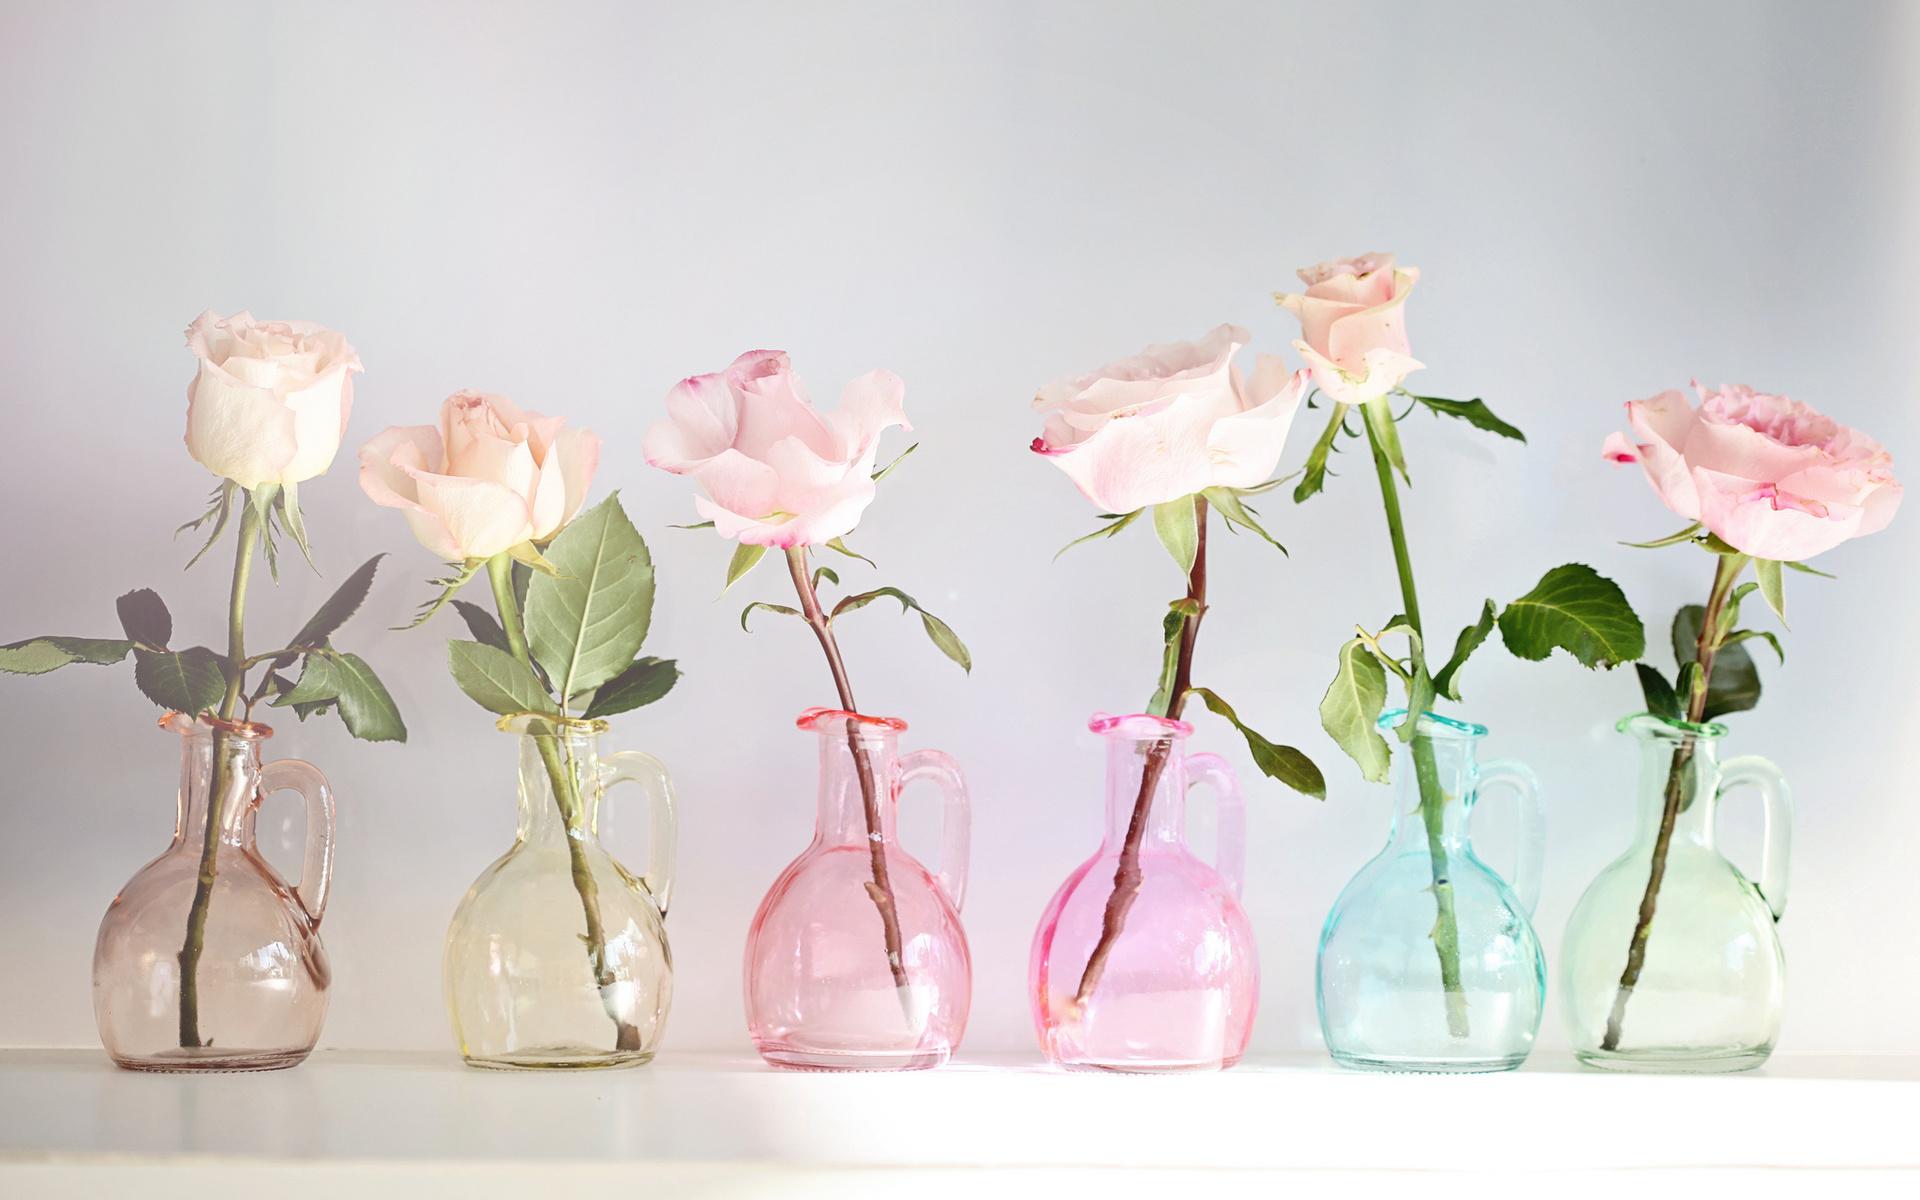 Nature Flowers Vase Glass Colors Still Life Petals Wallpaper